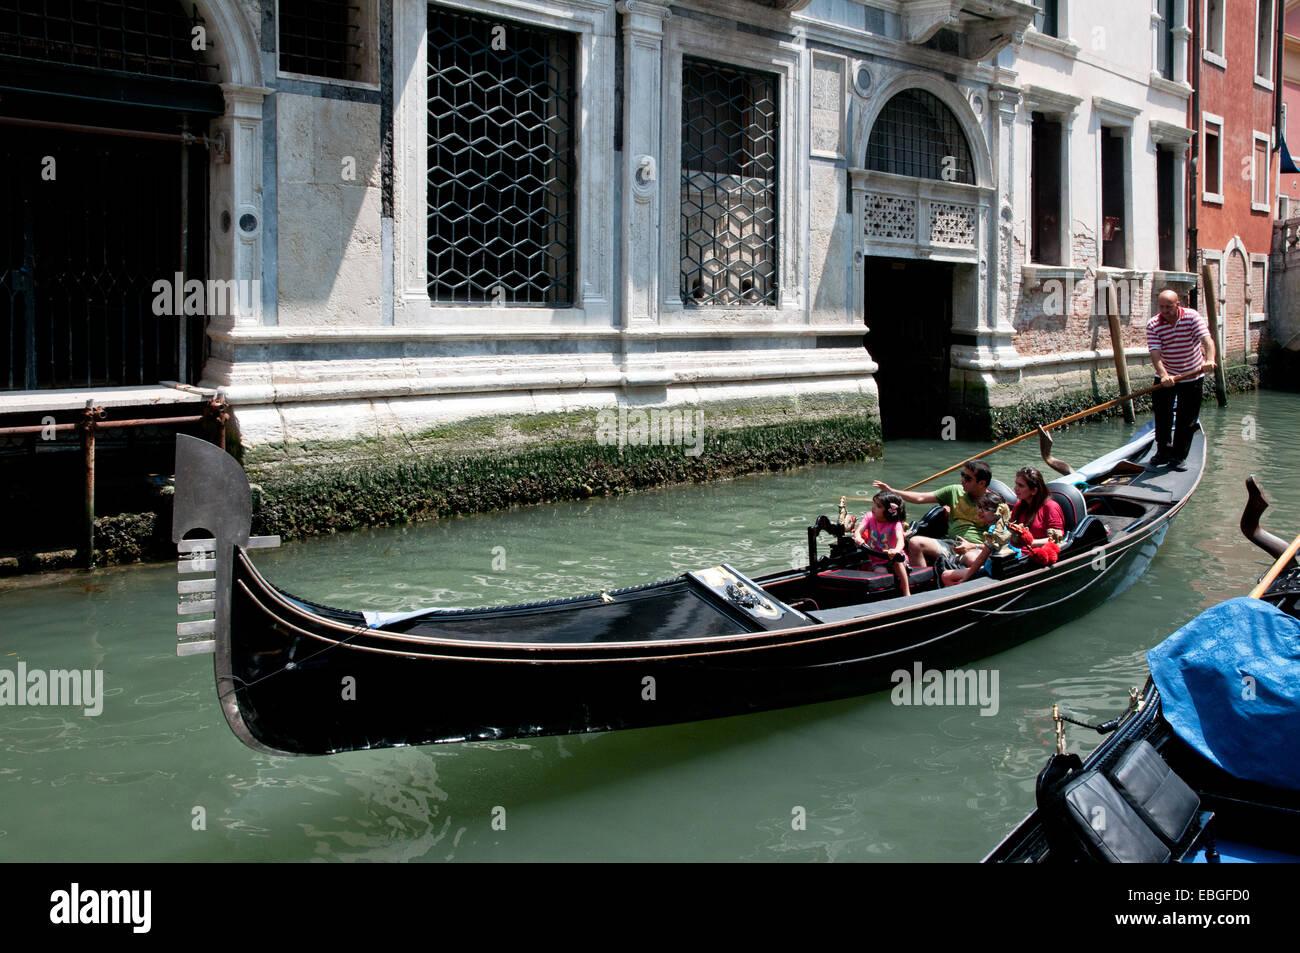 Family enjoying a gondola ride on canal Rio de la Canonica Venice Italy GONDALA FAMILY CANAL VENICE ITALY - Stock Image